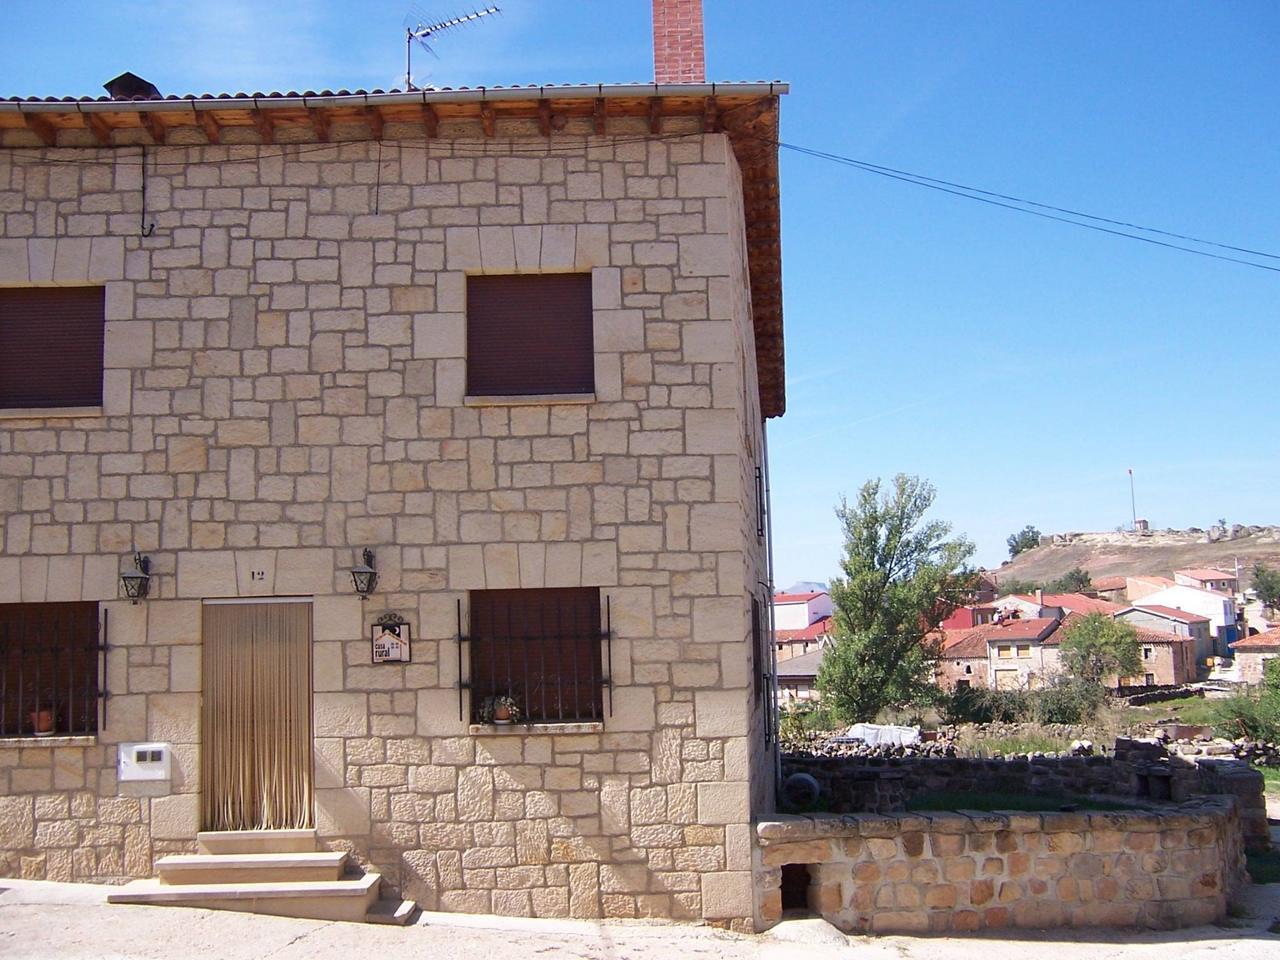 Casa Rural La Conegra, alojamiento rural con 8 habitaciones en Castrillo de la Reina, Burgos